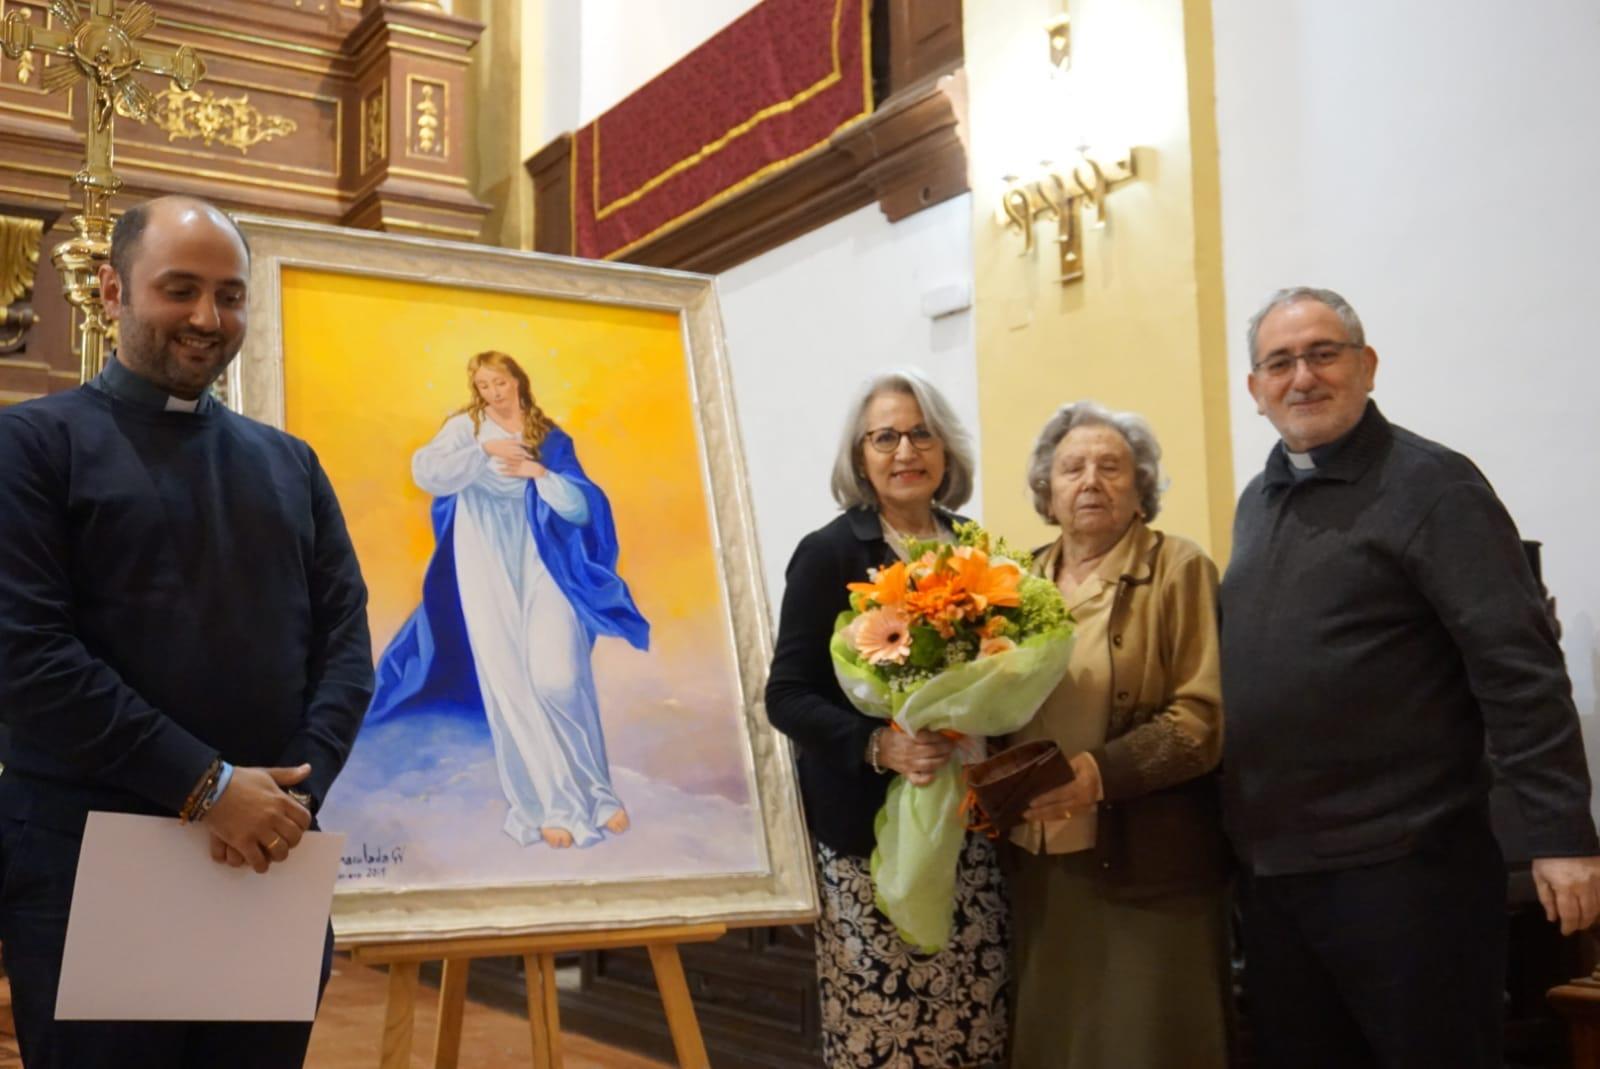 Inmaculada Garc%C3%ADa junto a su cuadro de la Inmaculada Concepci%C3%B3n1 - La pintora Inmaculada García dona un cuadro de temática inmaculista a la parroquia